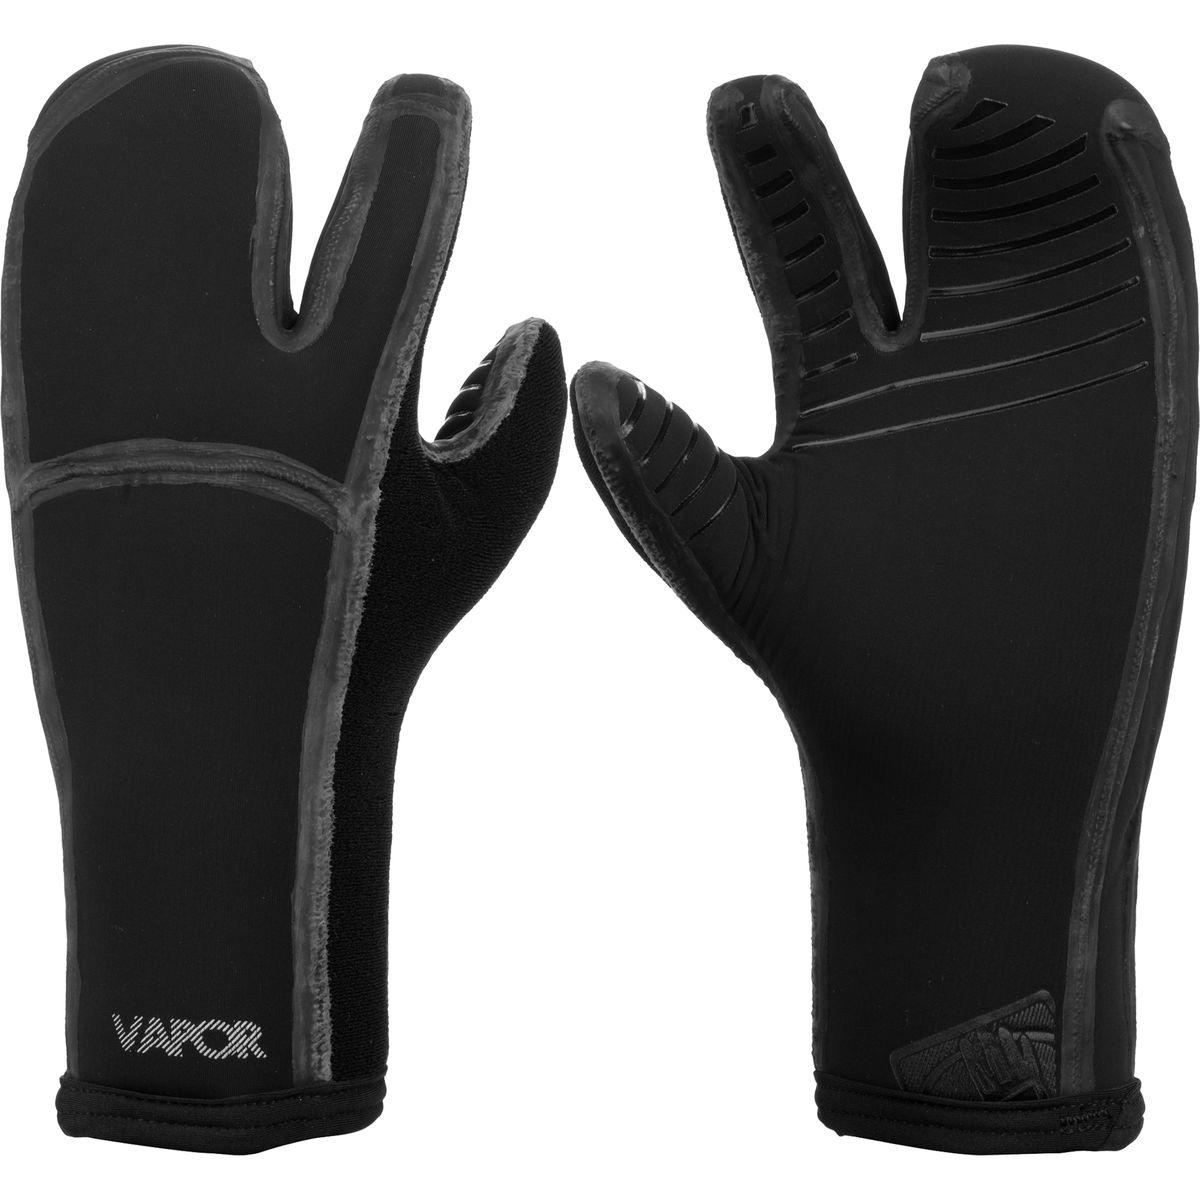 Body Glove 6/5mm Vapor Claw Glove